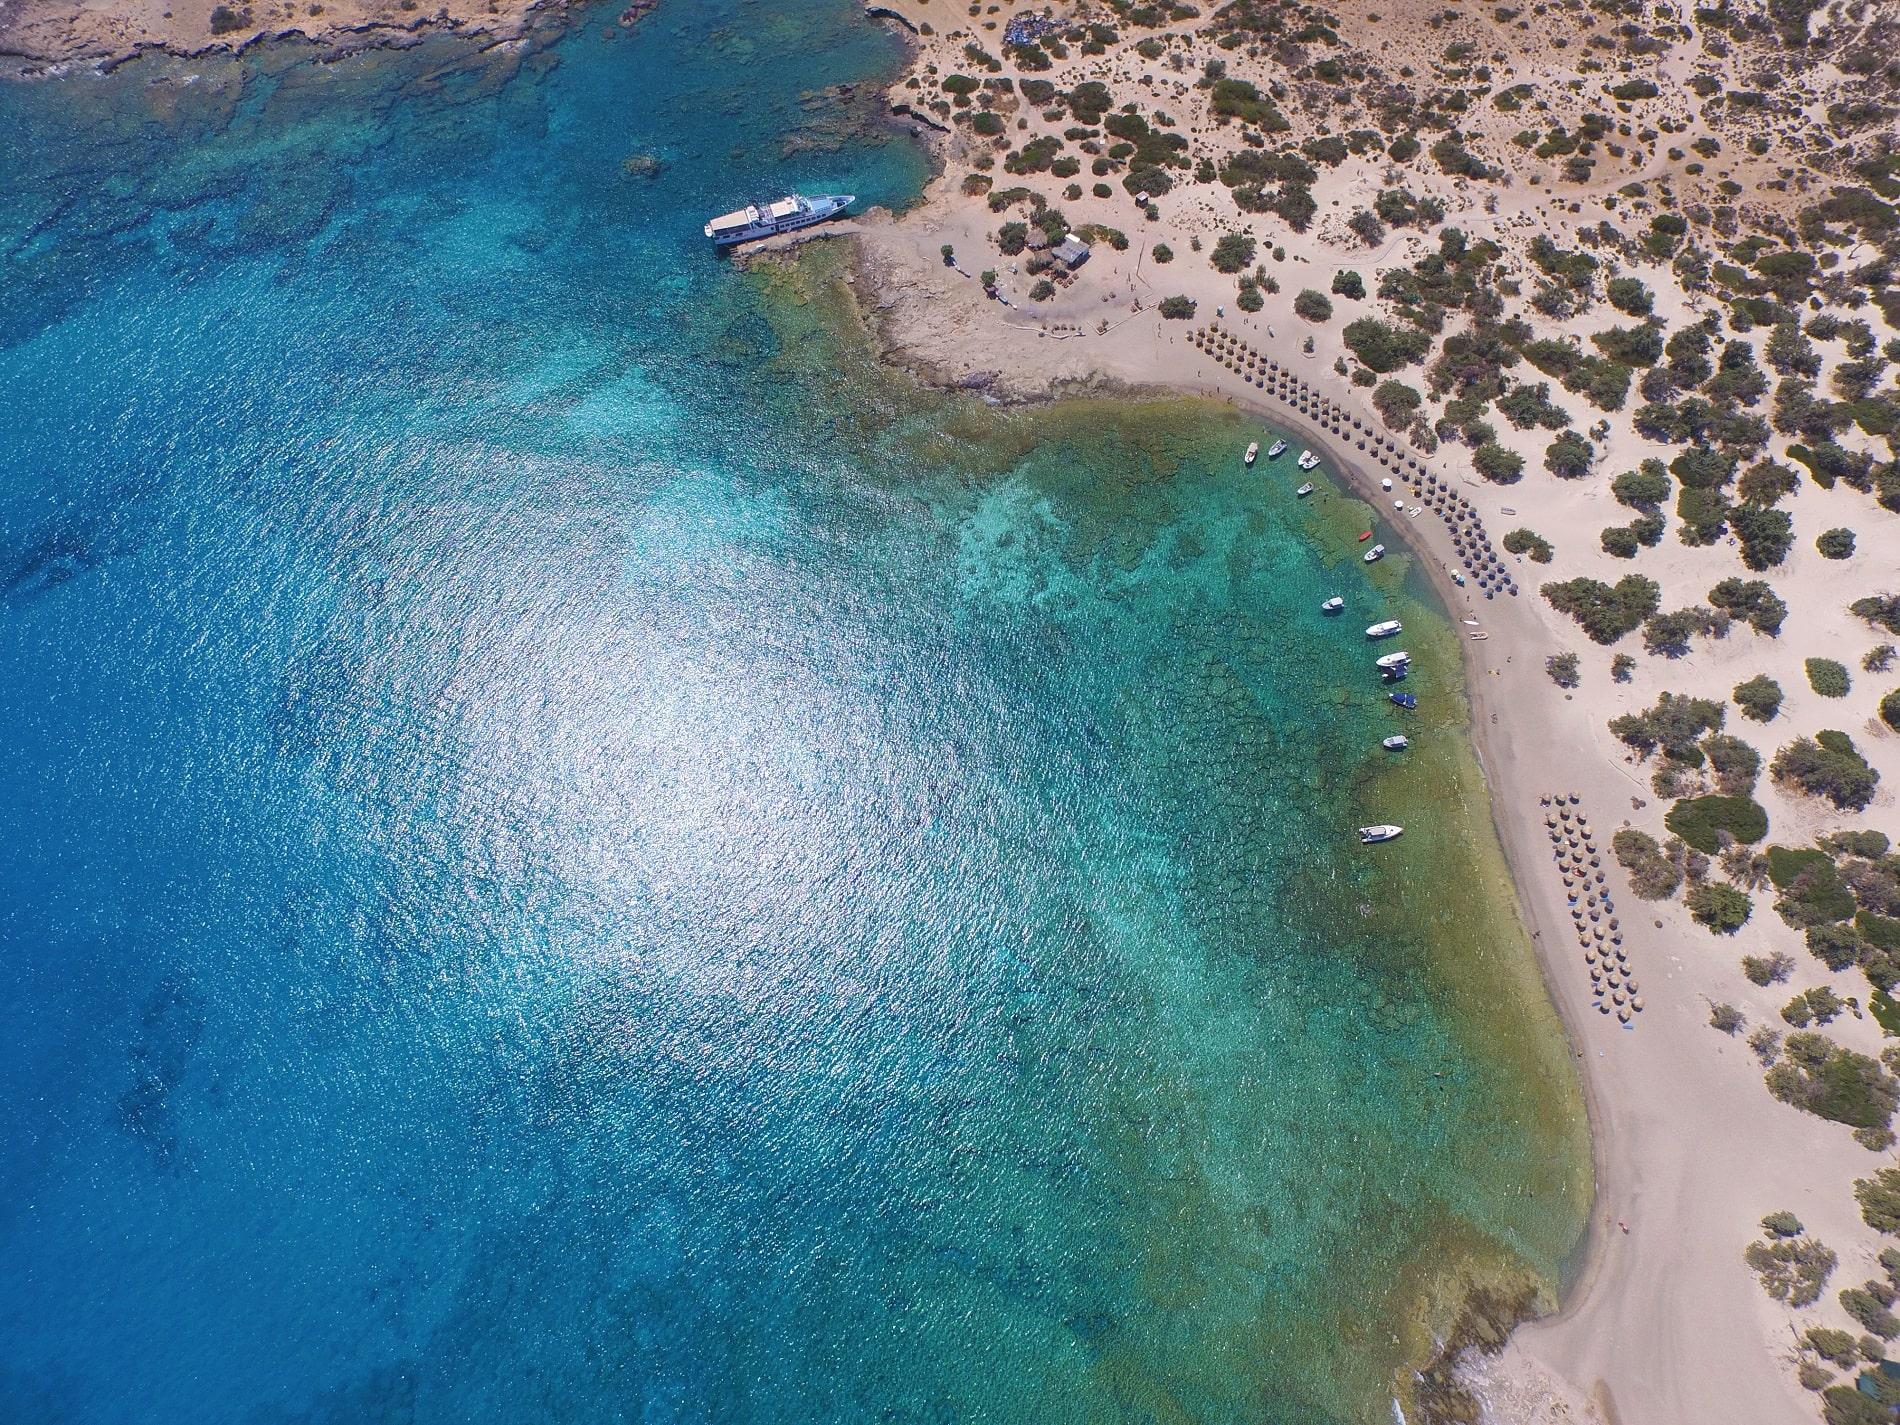 blue cruises crete chrissi drone view 06